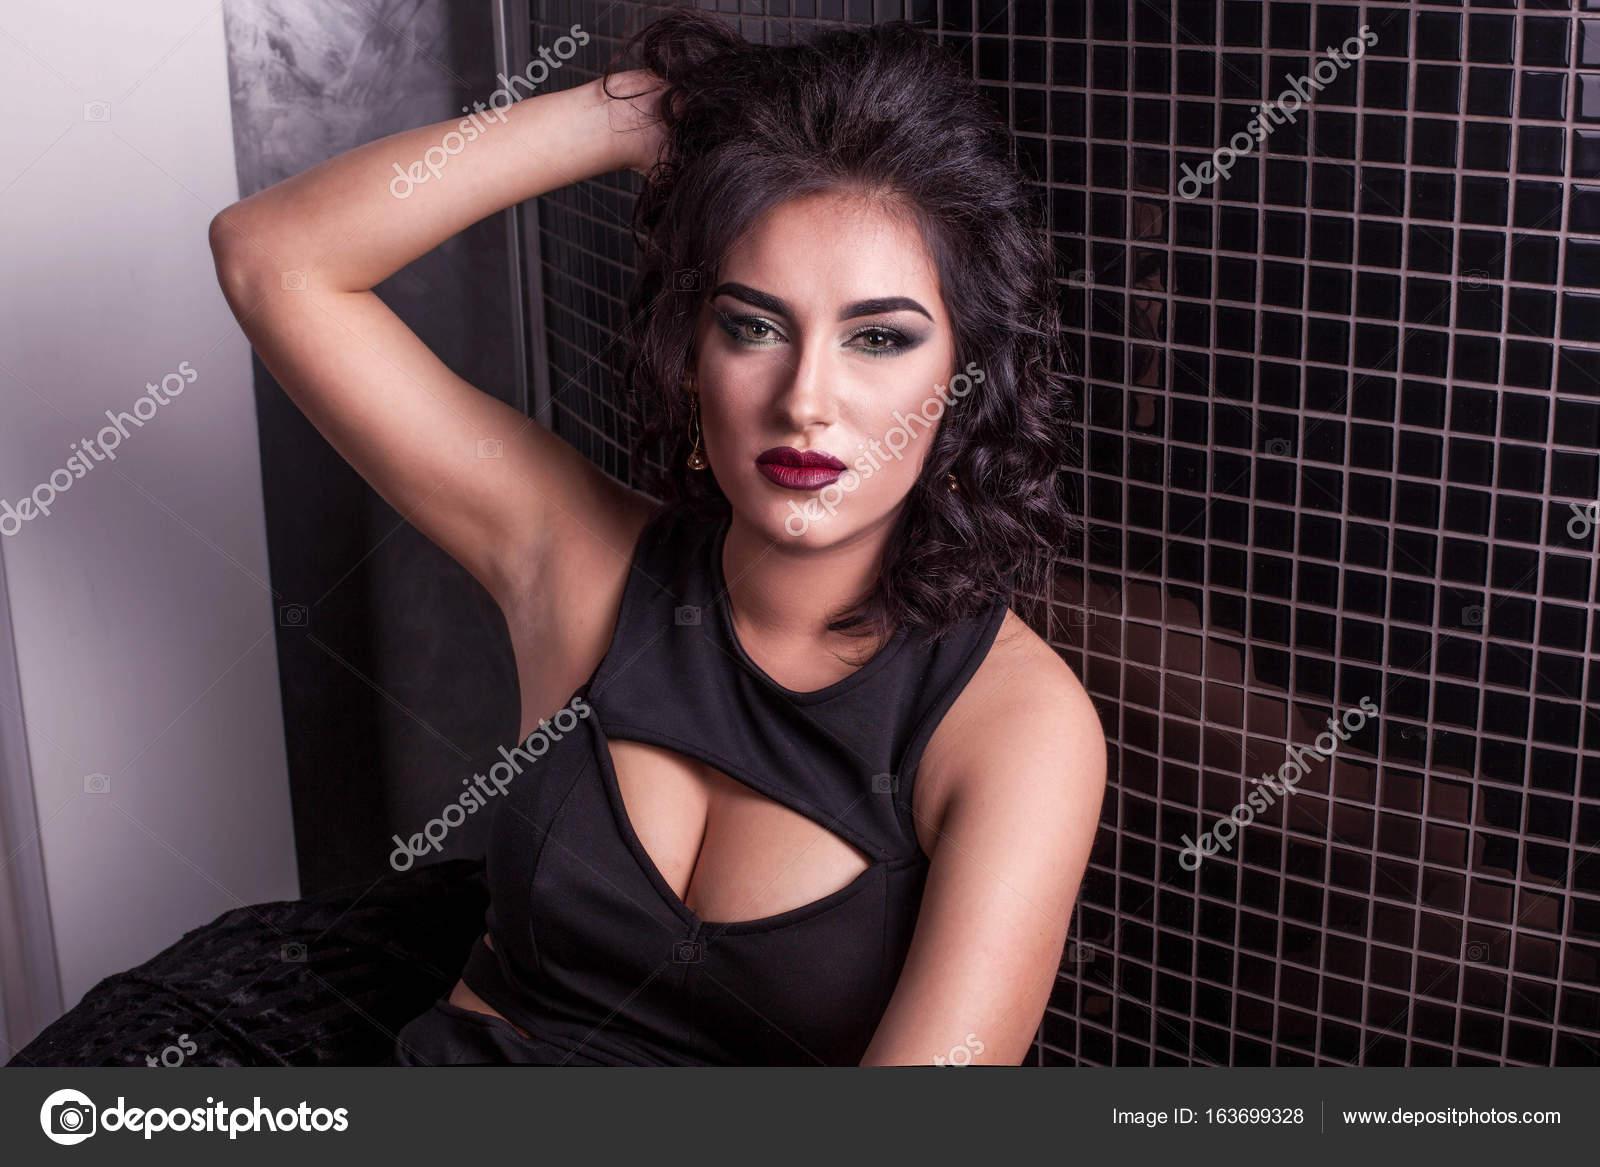 Gros Avec Robe Bouclée Plan La Femme De Belle Aux Cheveux fgvfapBW